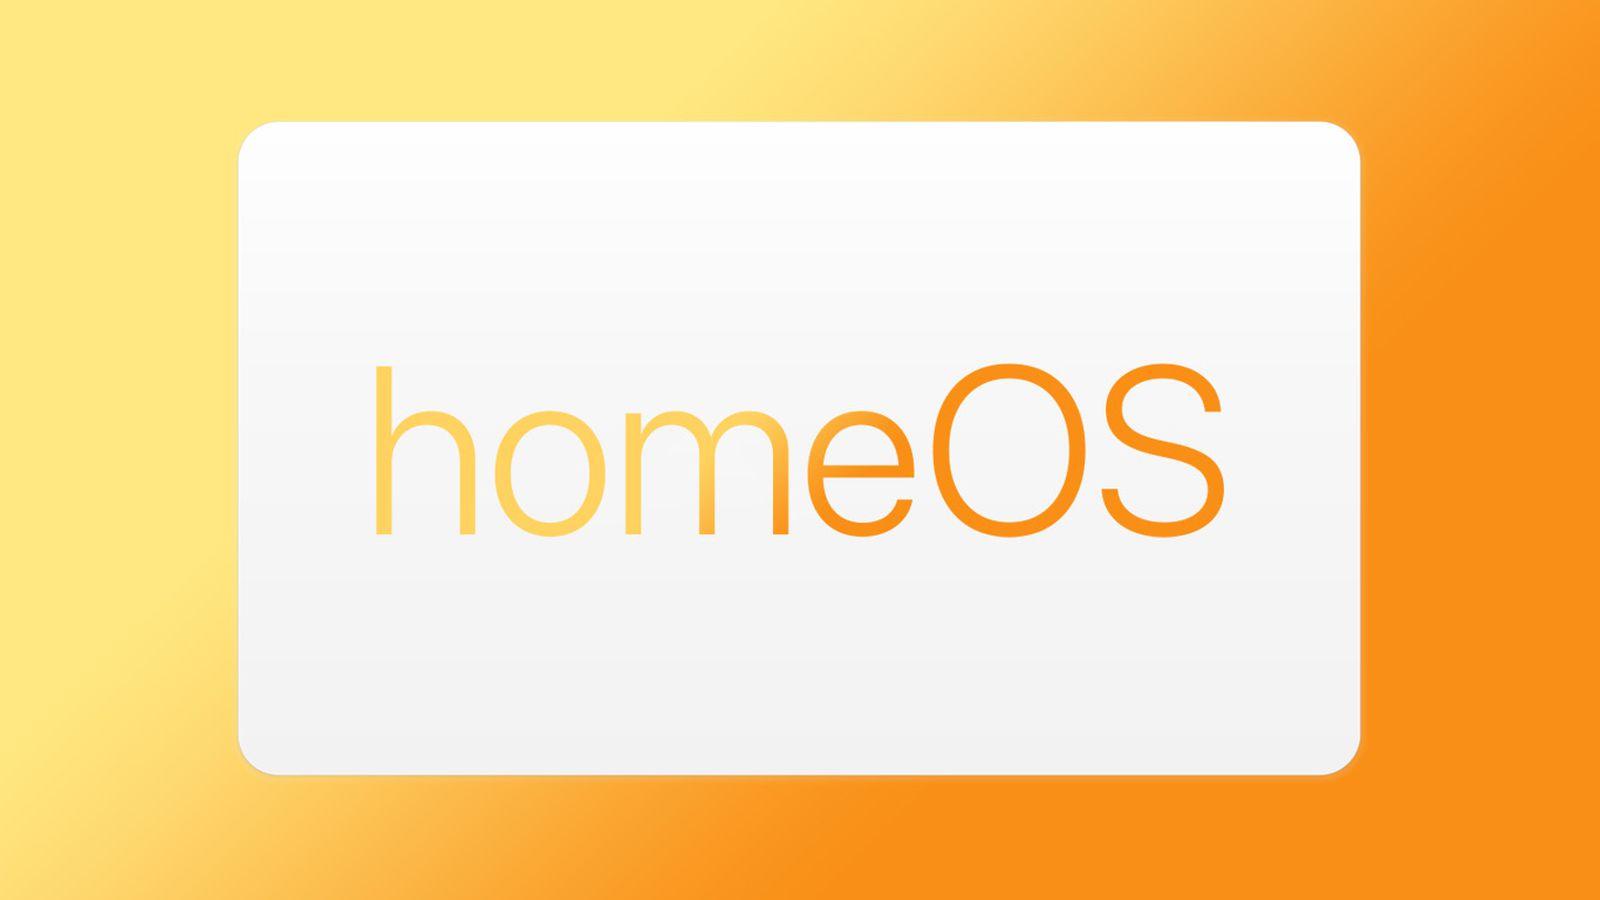 اپل در WWDC 2021 از سیستم عامل جدید homeOS رونمایی میکند؟